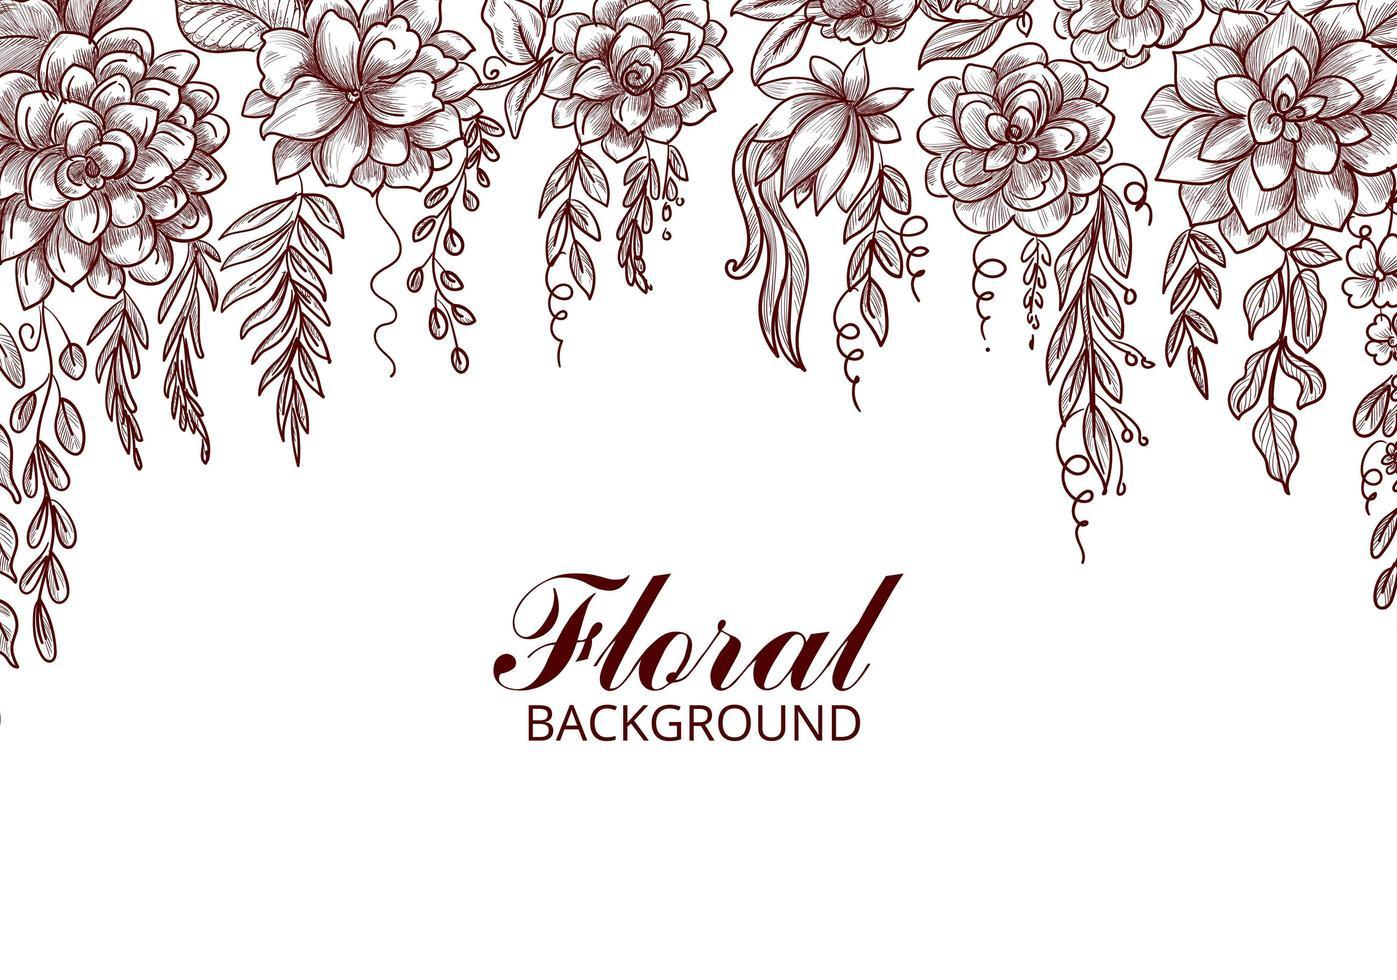 dekorative Hand gezeichnete Blume Skizze Hintergrund vektor